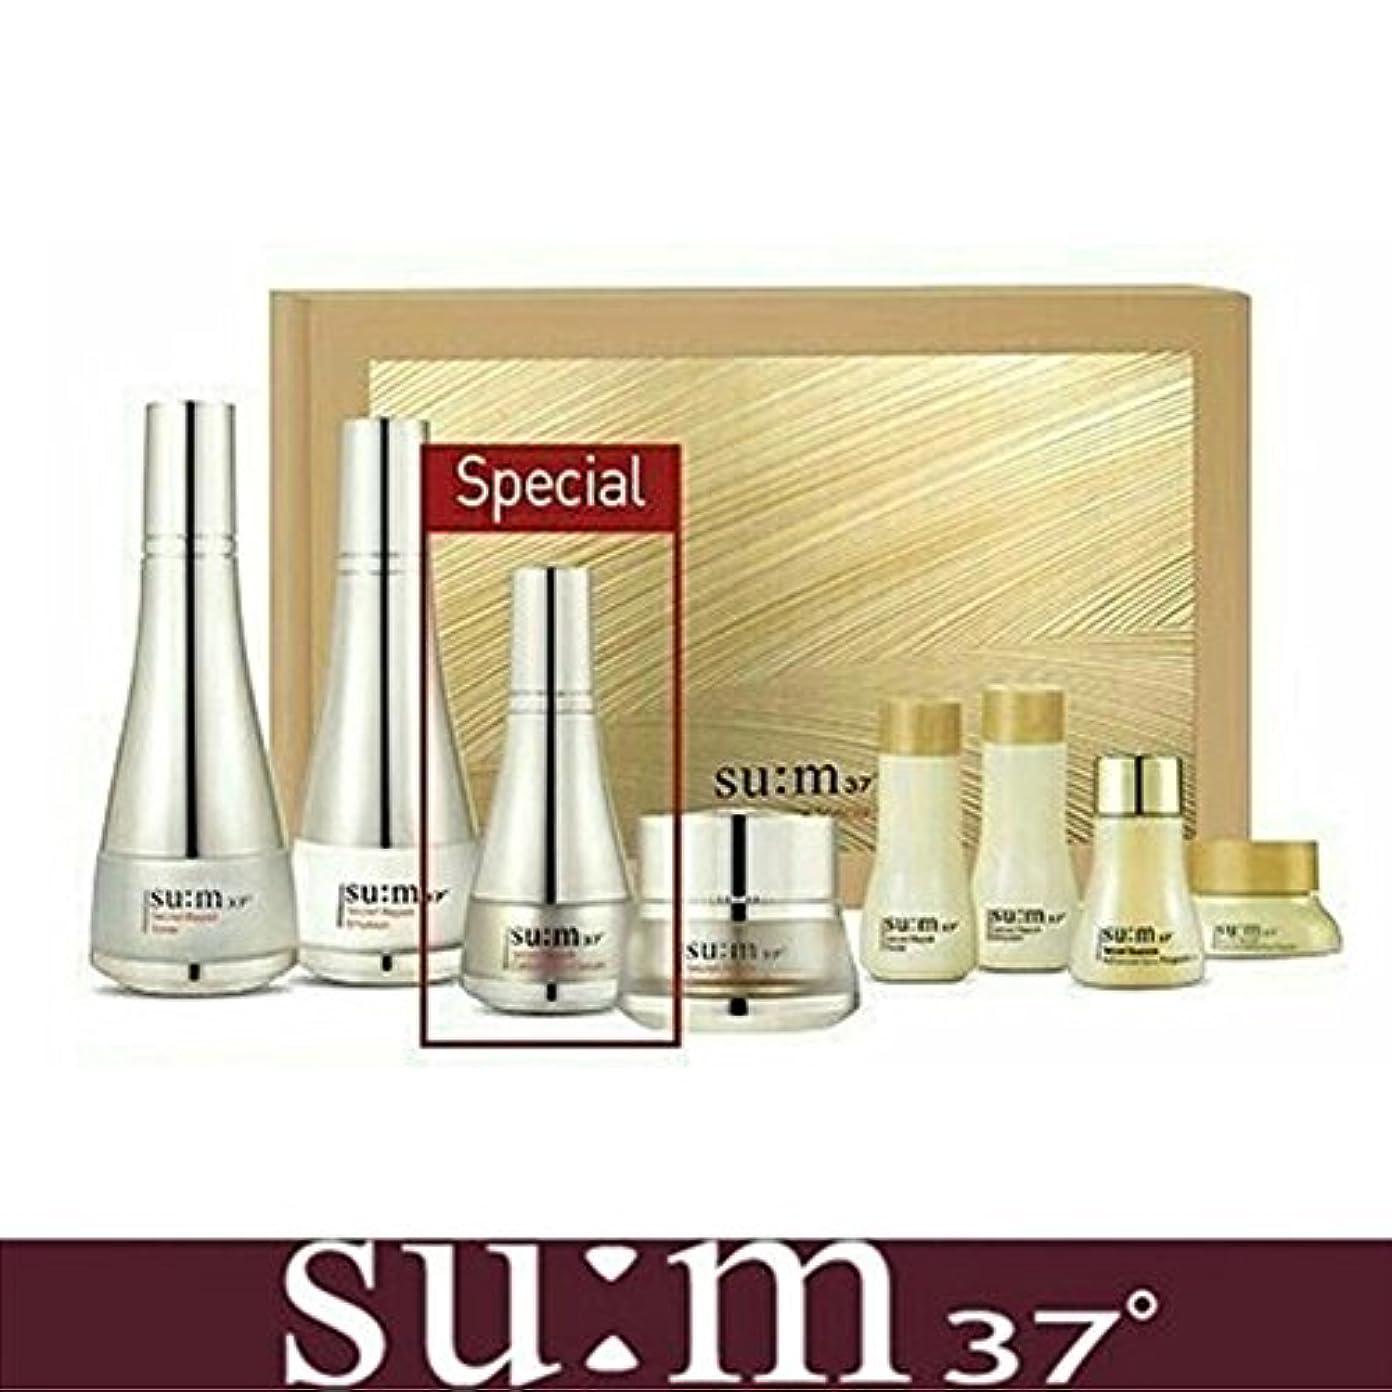 宿泊施設メタルライン植物学[su:m37/スム37°] SUM37 Secret Repair 3pcs Special Skincare Set / シークレットリペア3種セット+[Sample Gift](海外直送品)